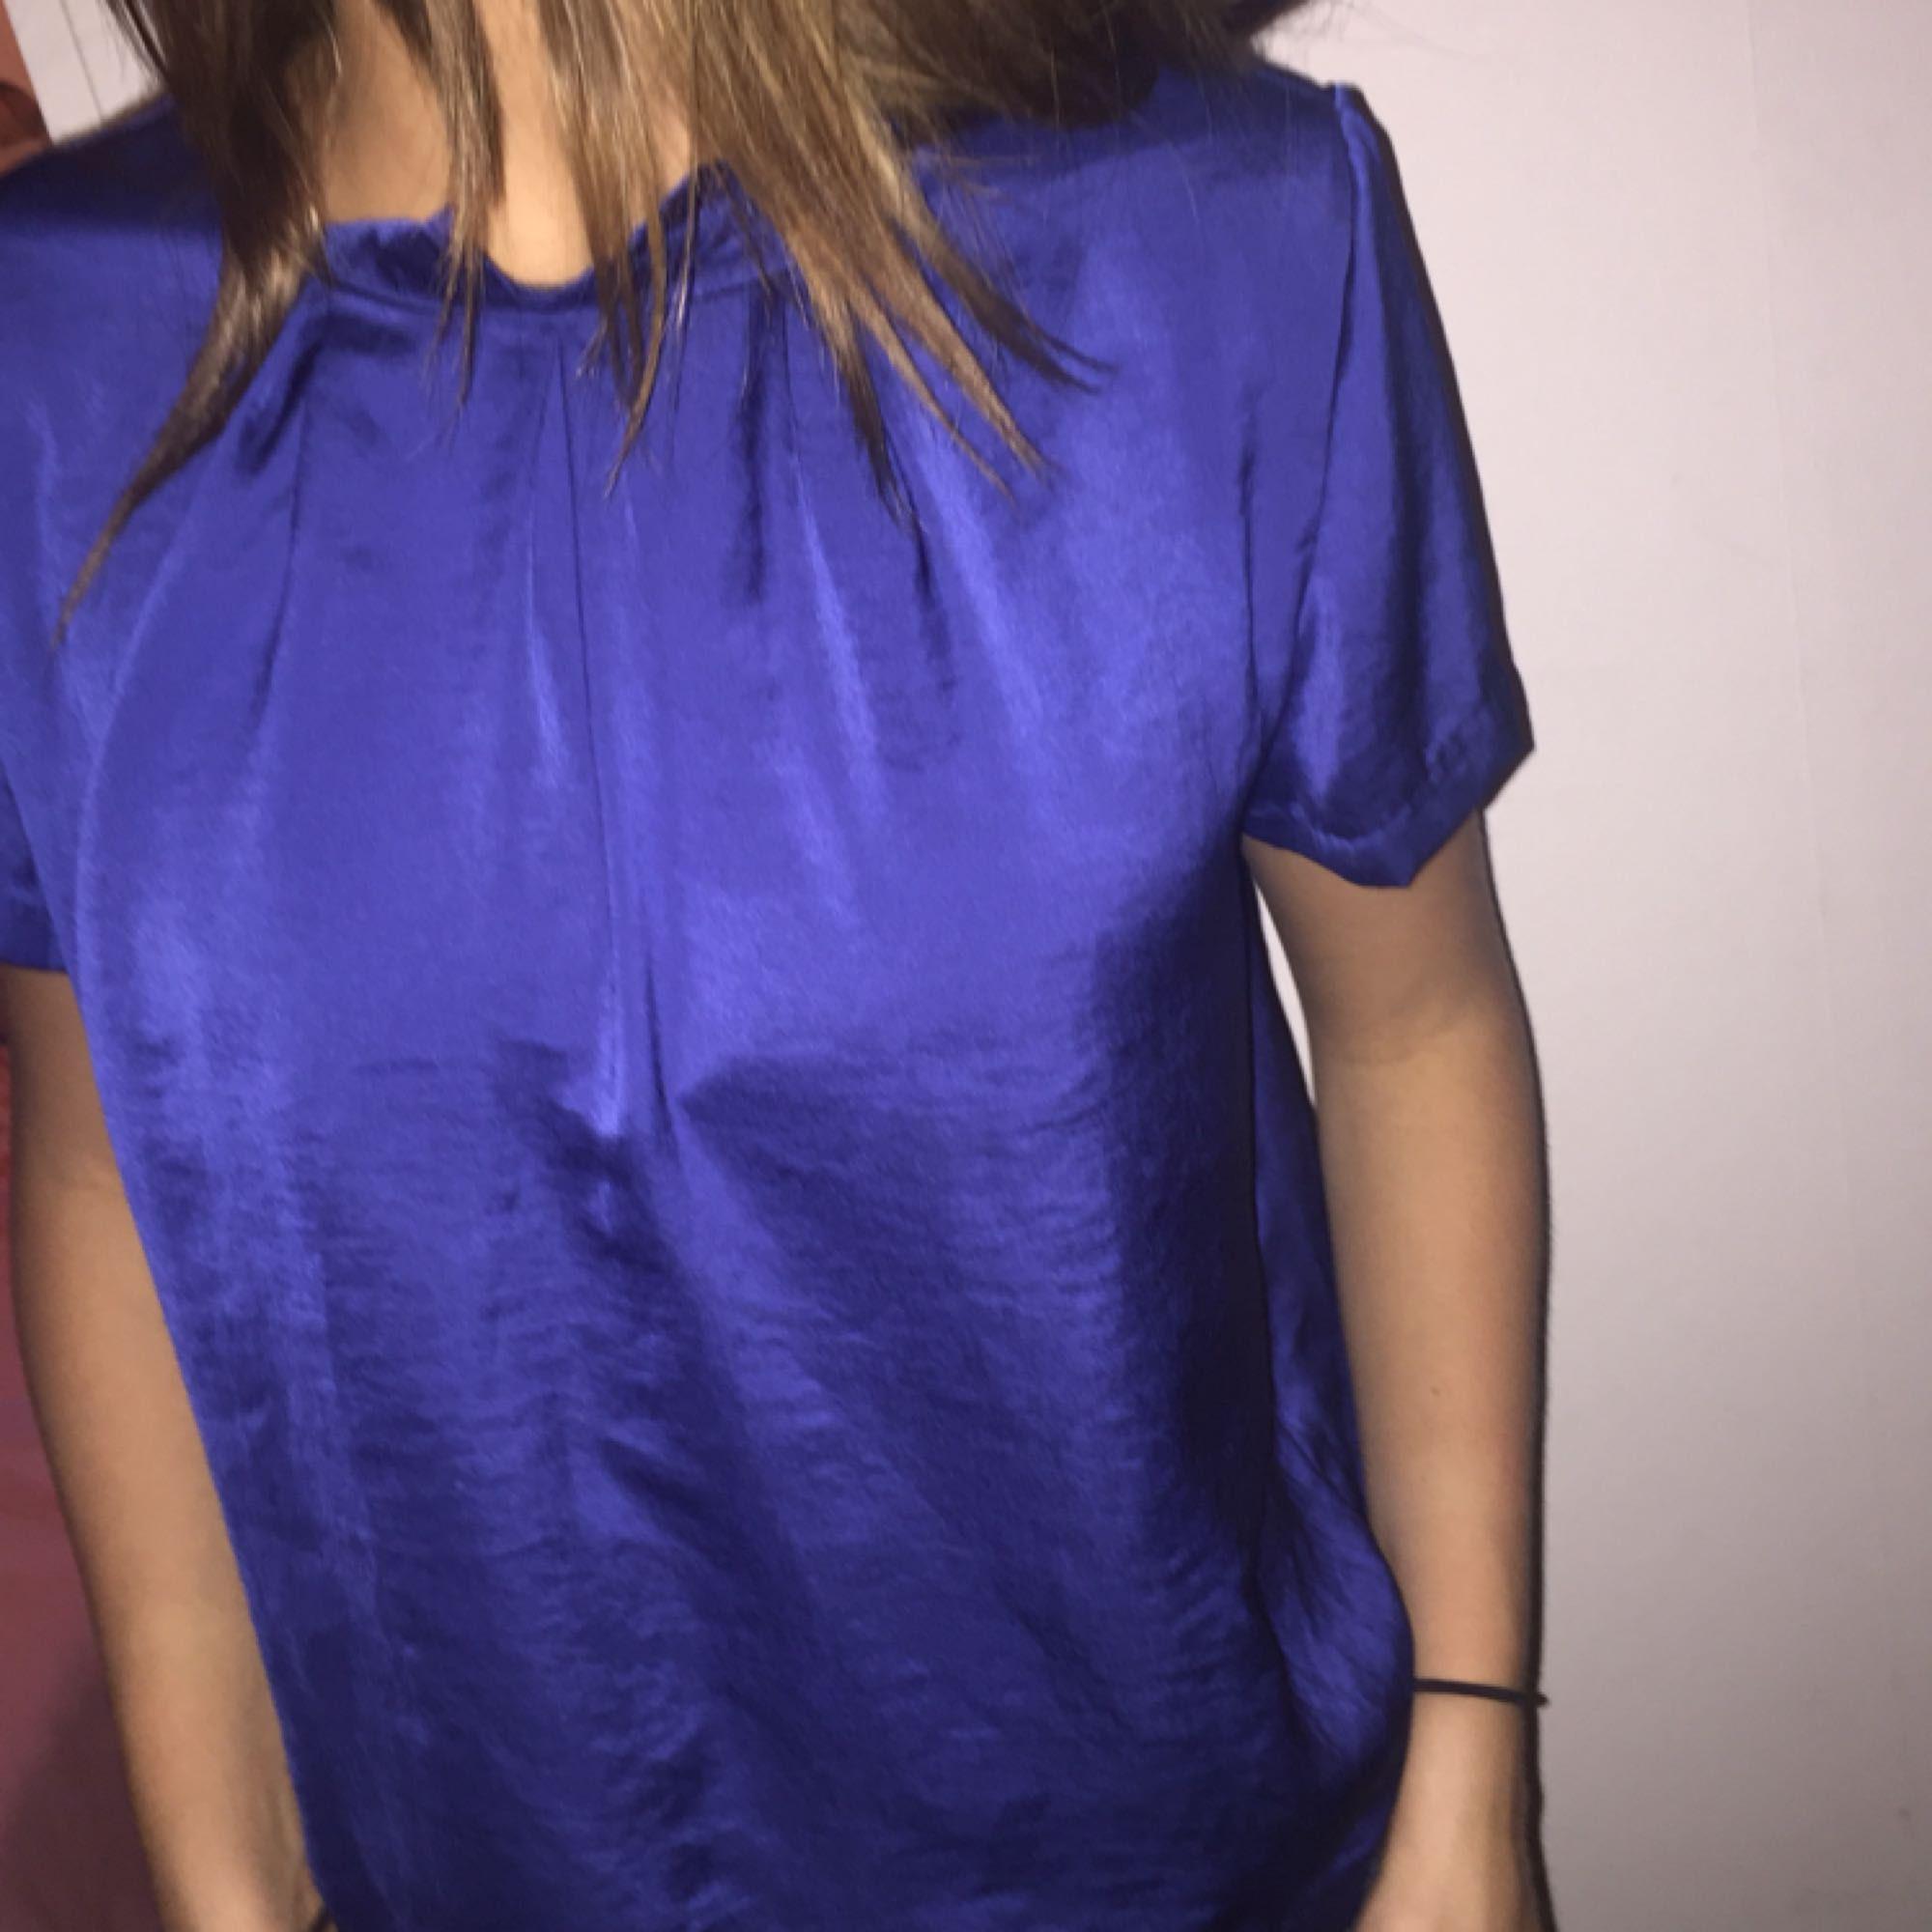 En superfin kortärmad blus med en utstickande färg. Har fått supermycket  komplimanger när jag haft 9f548d5f7c53e